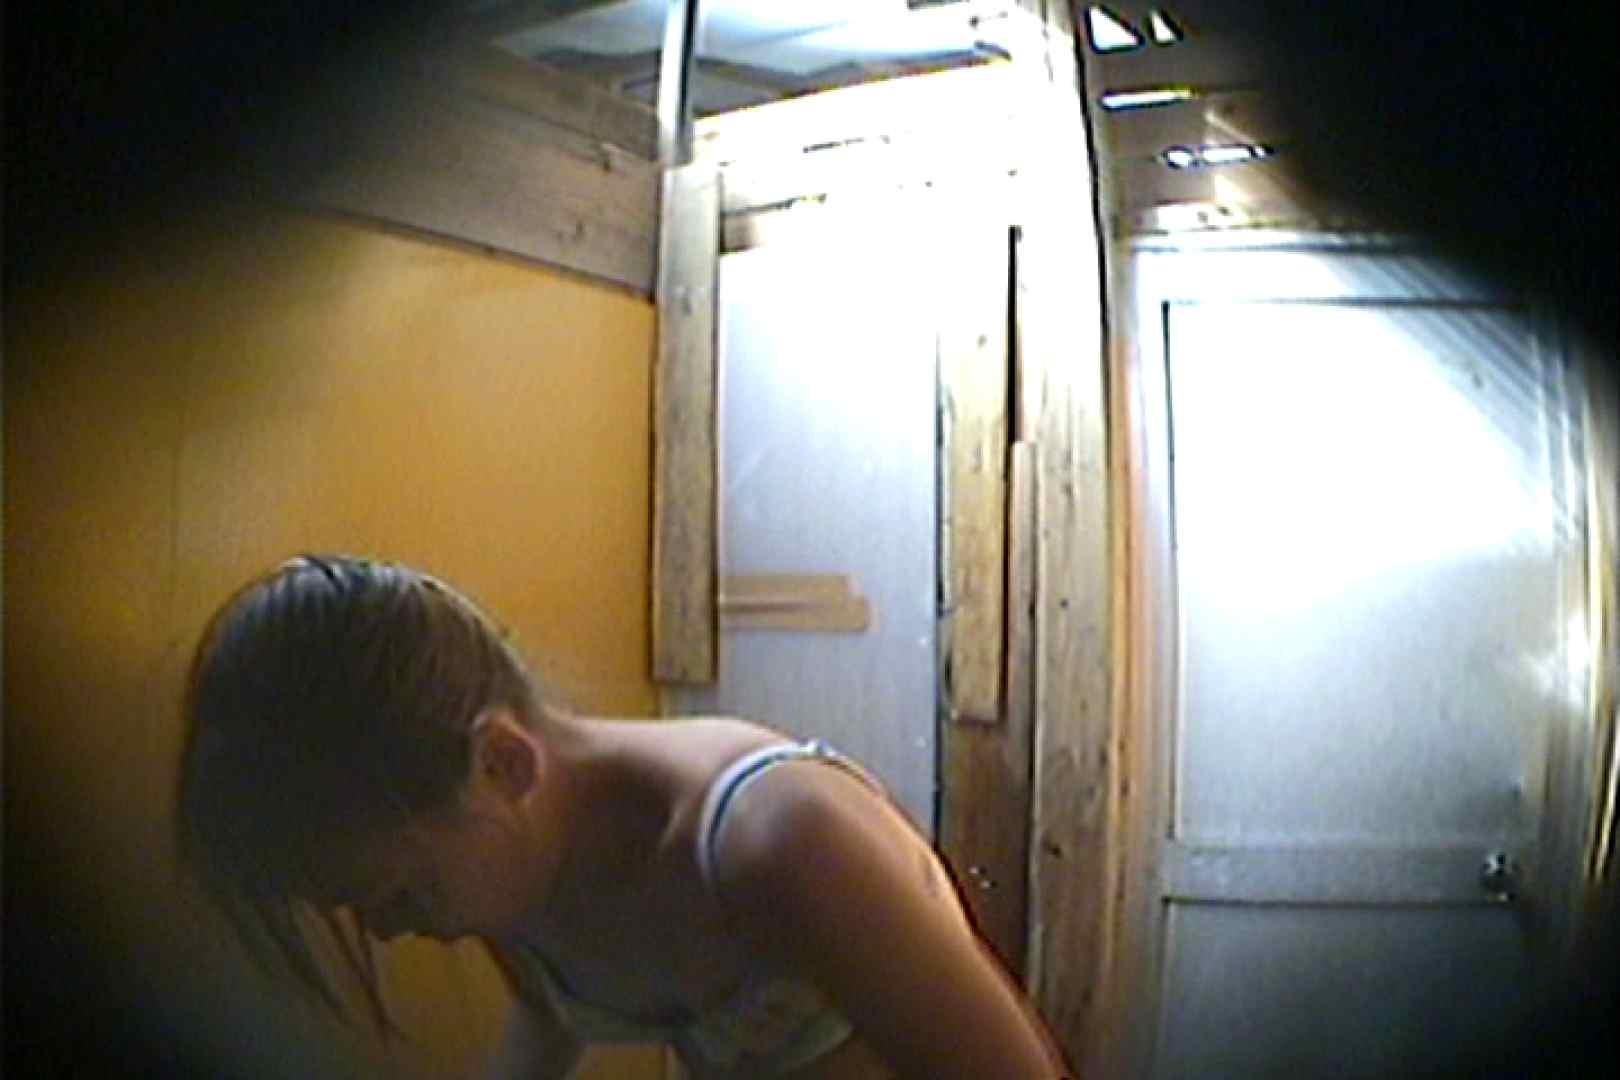 海の家の更衣室 Vol.15 OL  69pic 10